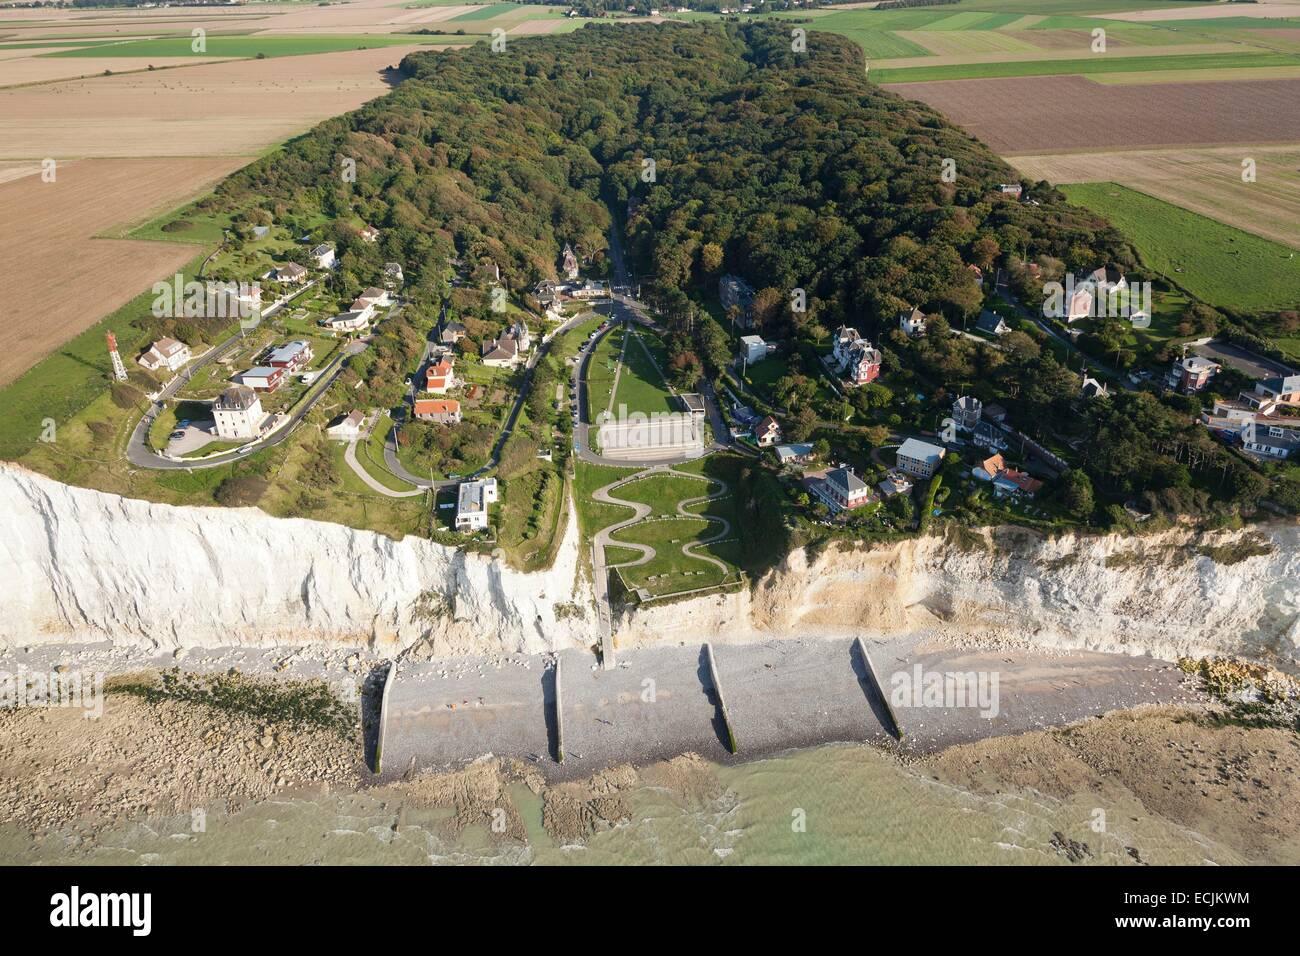 France, Somme, Ault, Bois de Cise (aerial view Stock Photo, Royalty Free Image 76628096 Alamy # Bois De Cise Hotel